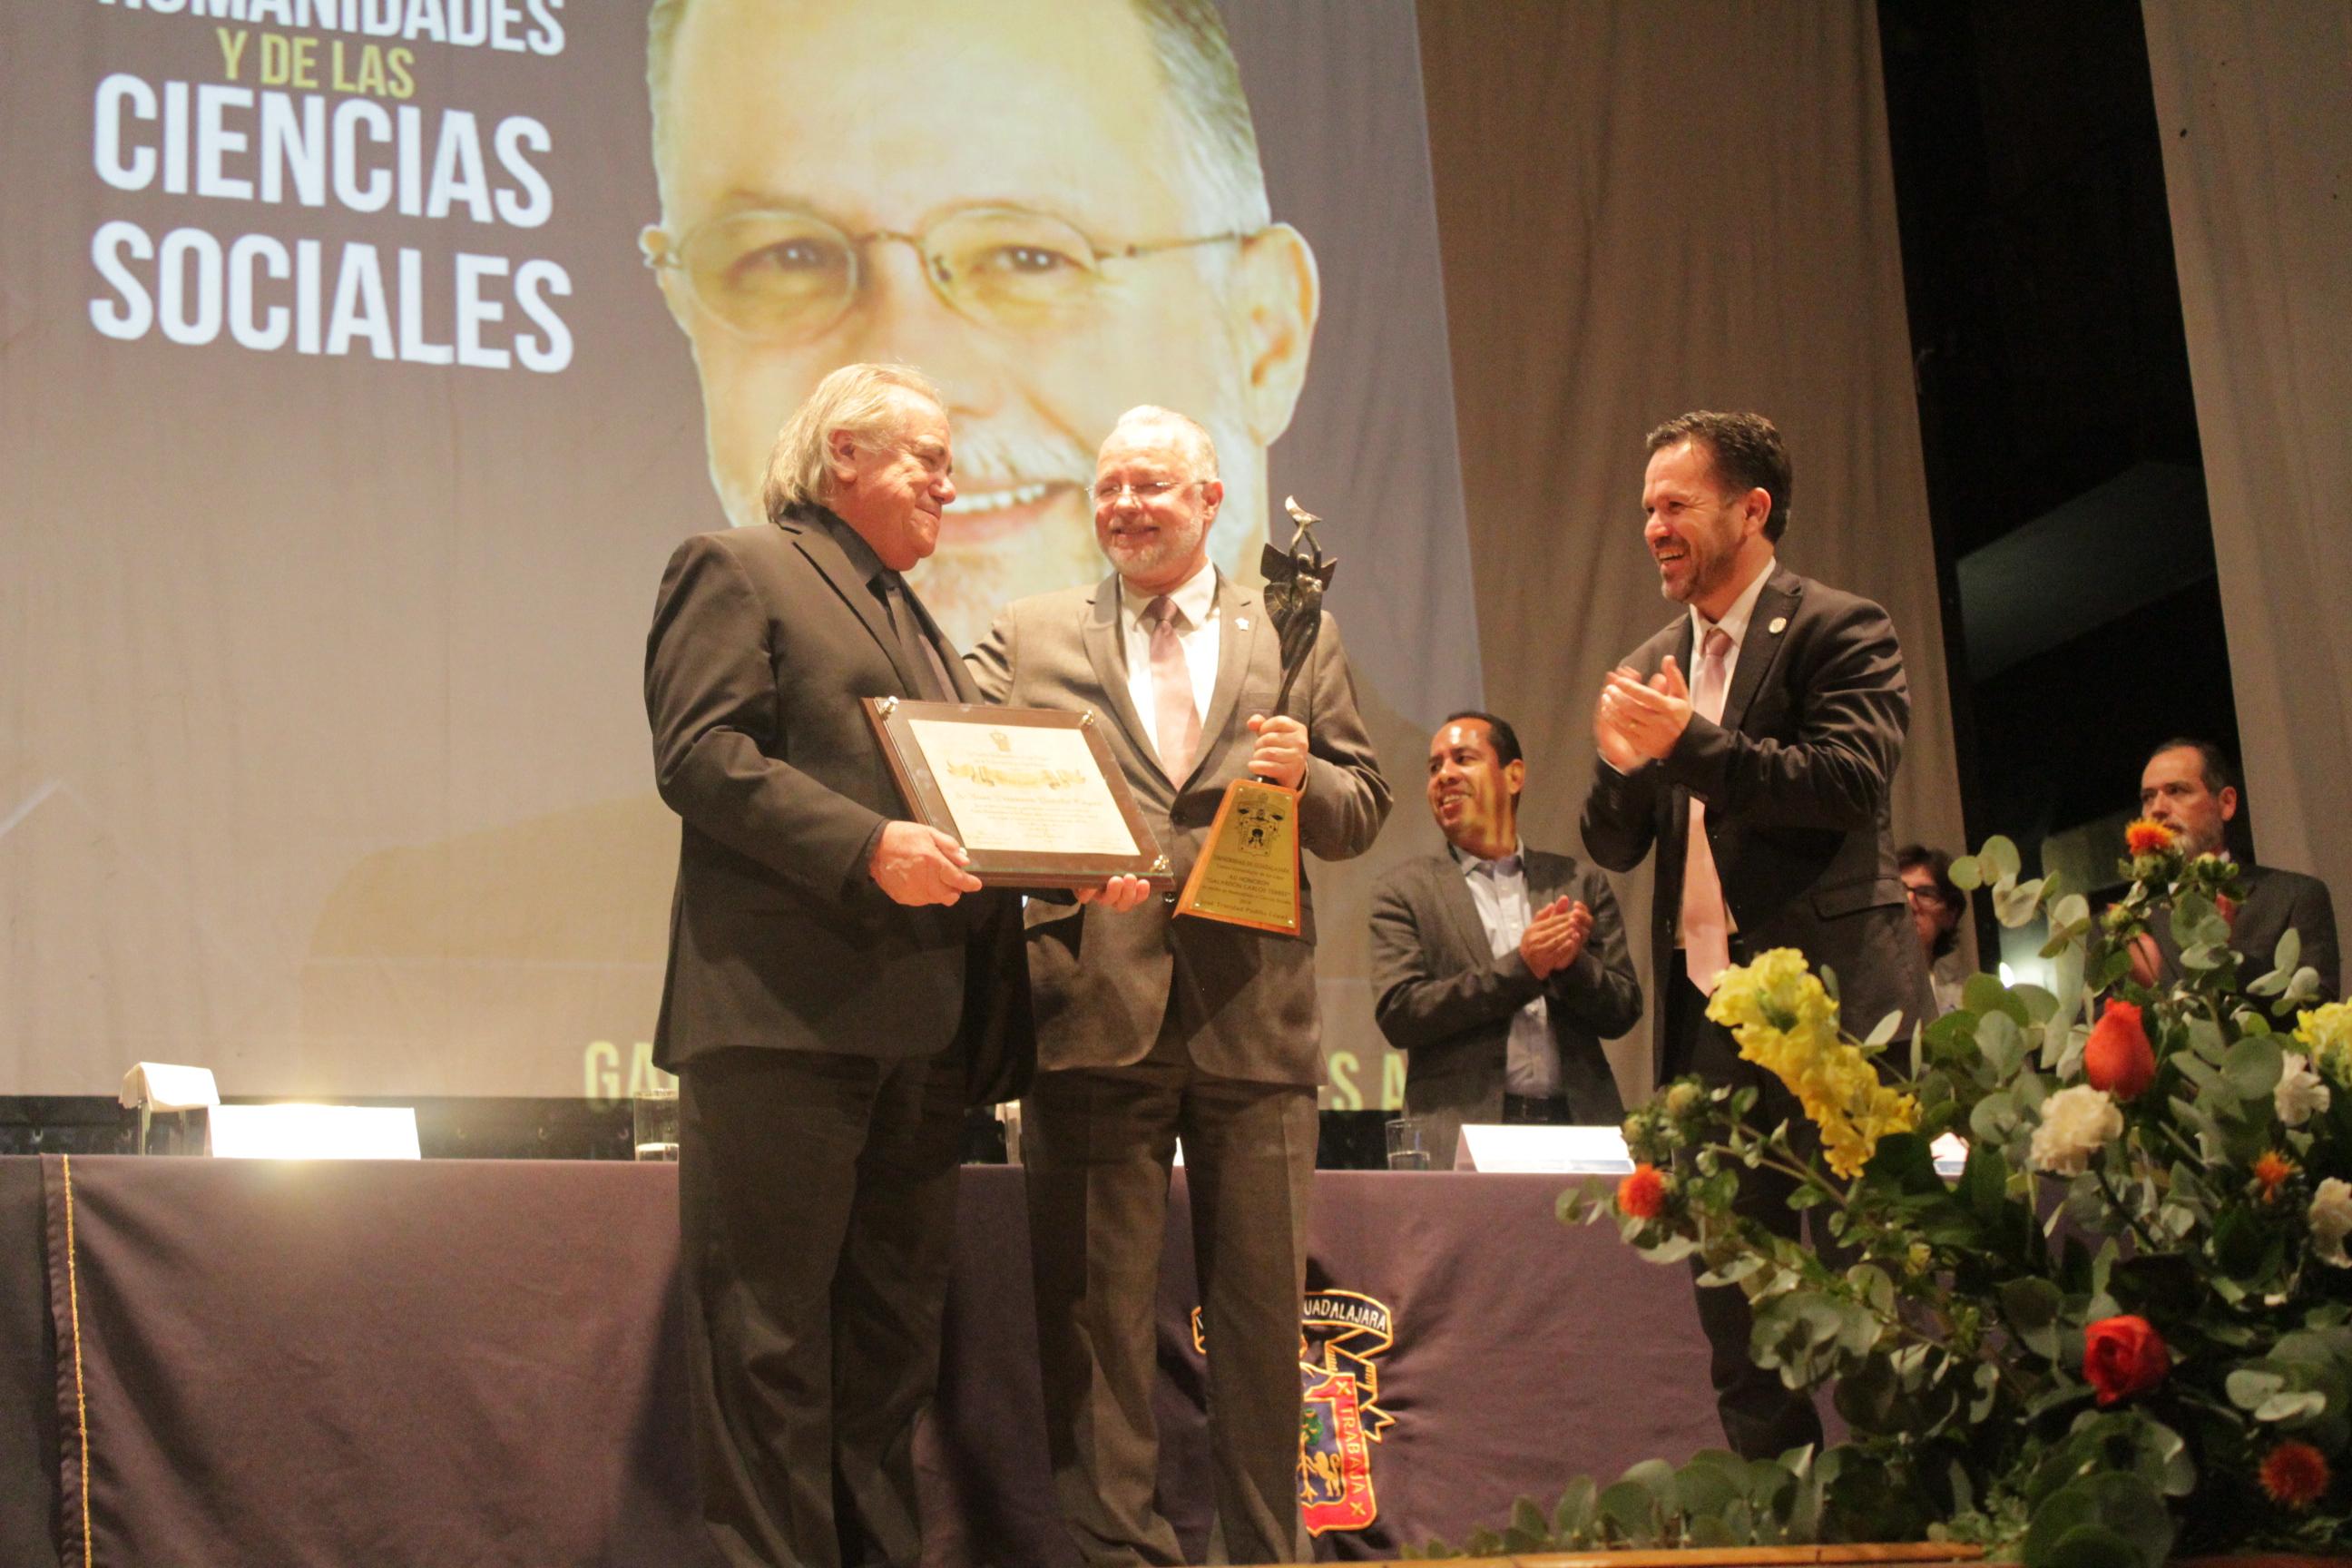 El doctor Aristarco Regalado y el maestro Carlos Terrés hicieron entrega de la estatuilla Meztli y el reconocimiento al doctor Trinidad Padilla